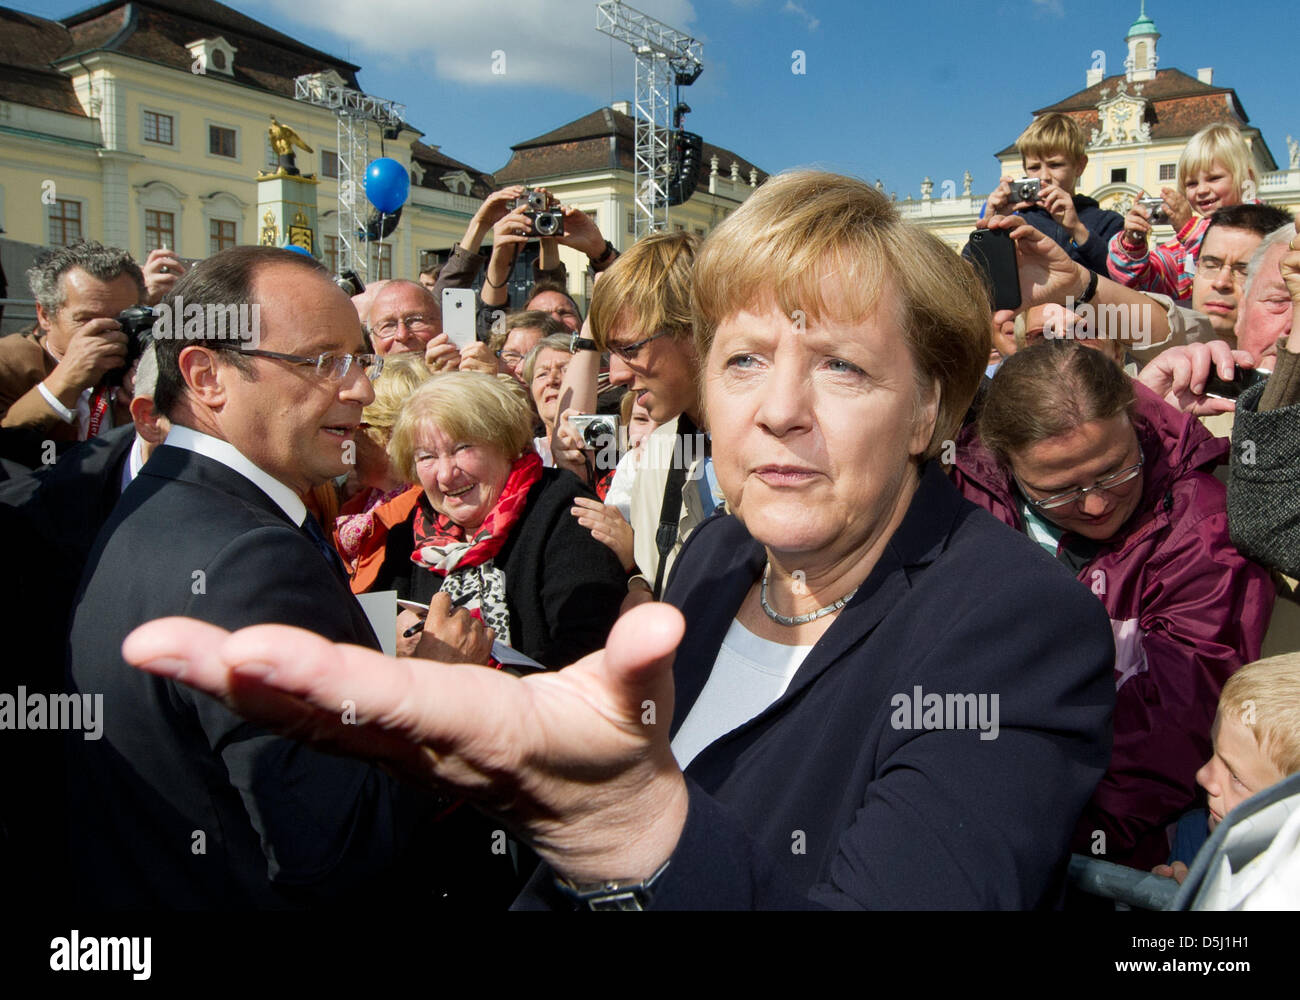 Bundeskanzlerin Angela Merkel Und der französischen Staatspräsident Francois Hollande (l) Nehmen bin 22.09.2012 Stockbild